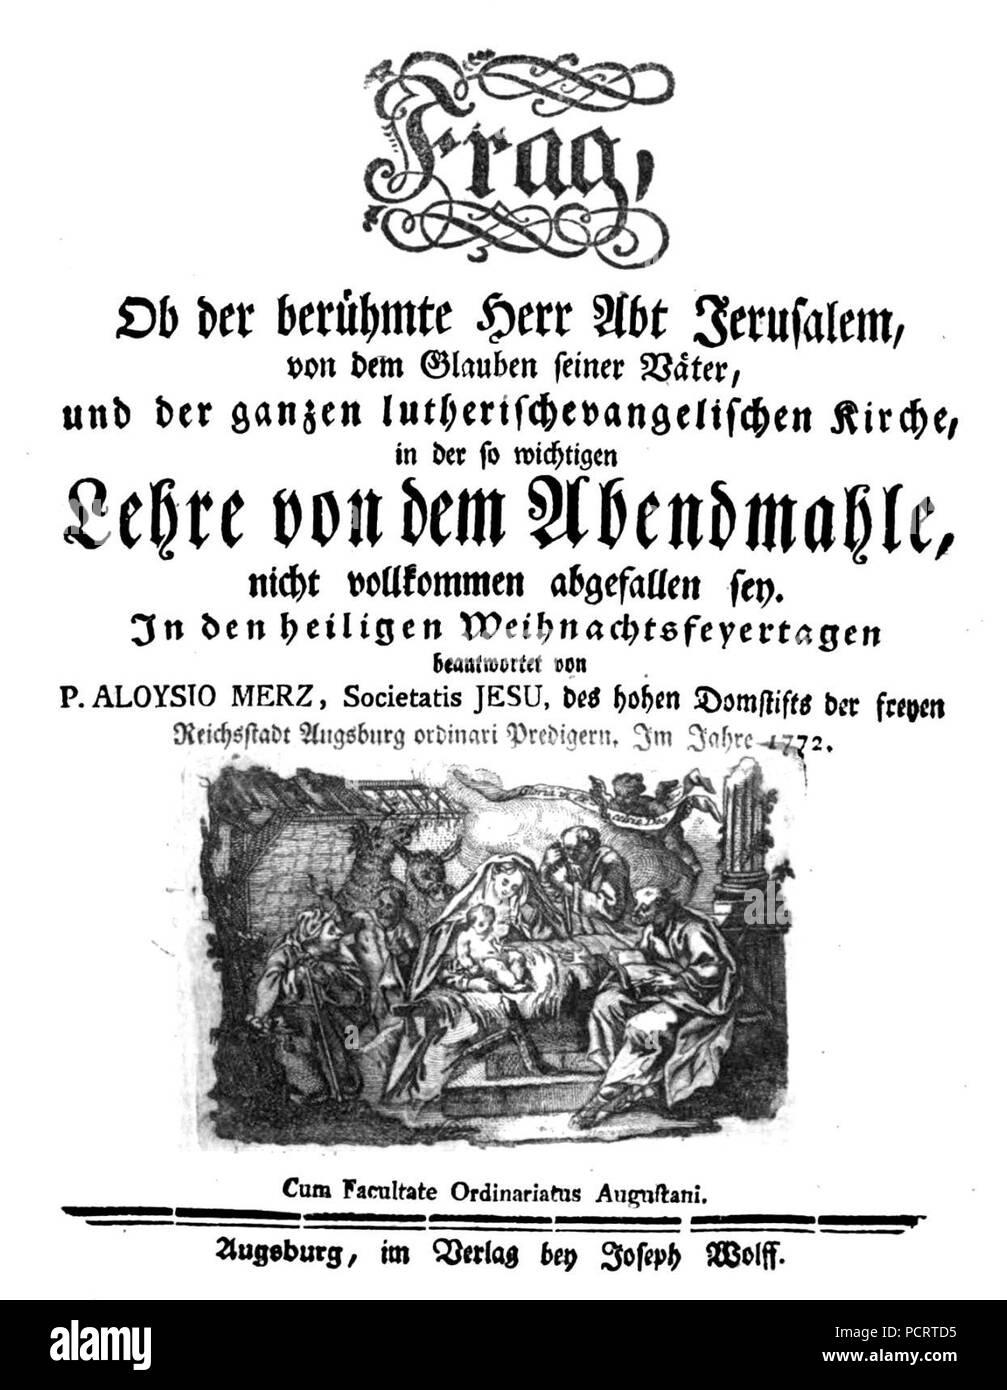 Alois Merz Ob der berühmte Herr Abt Jerusalem. Stock Photo